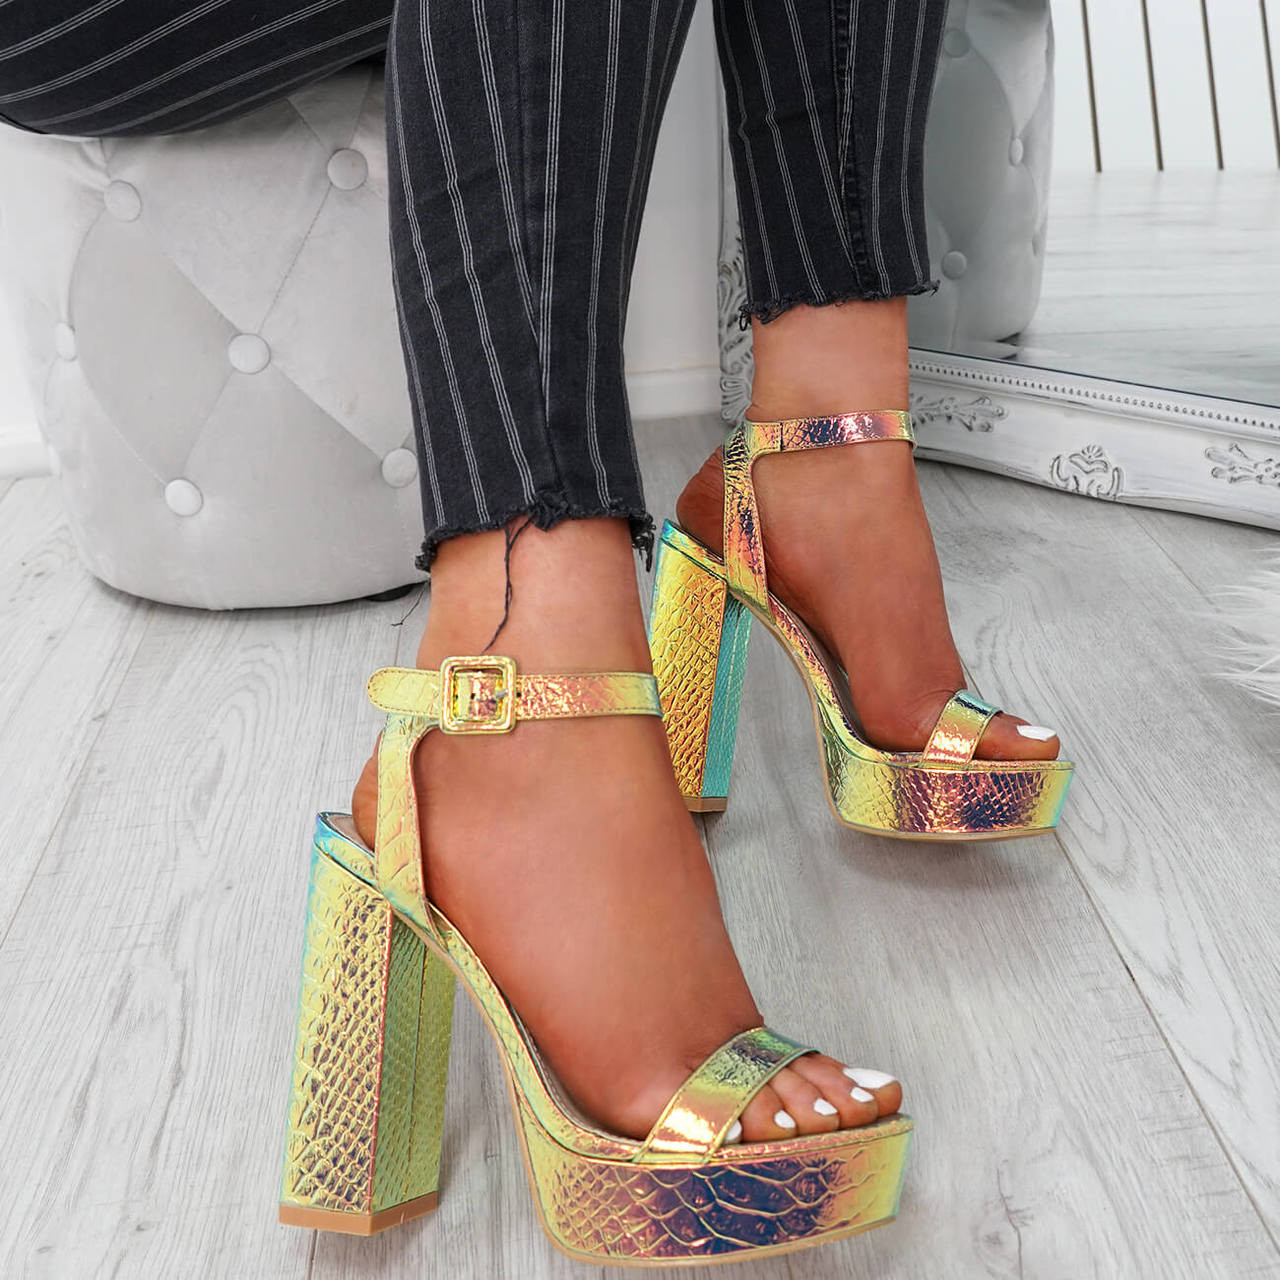 d65e78f0e39 Kima Gold Platform Sandals